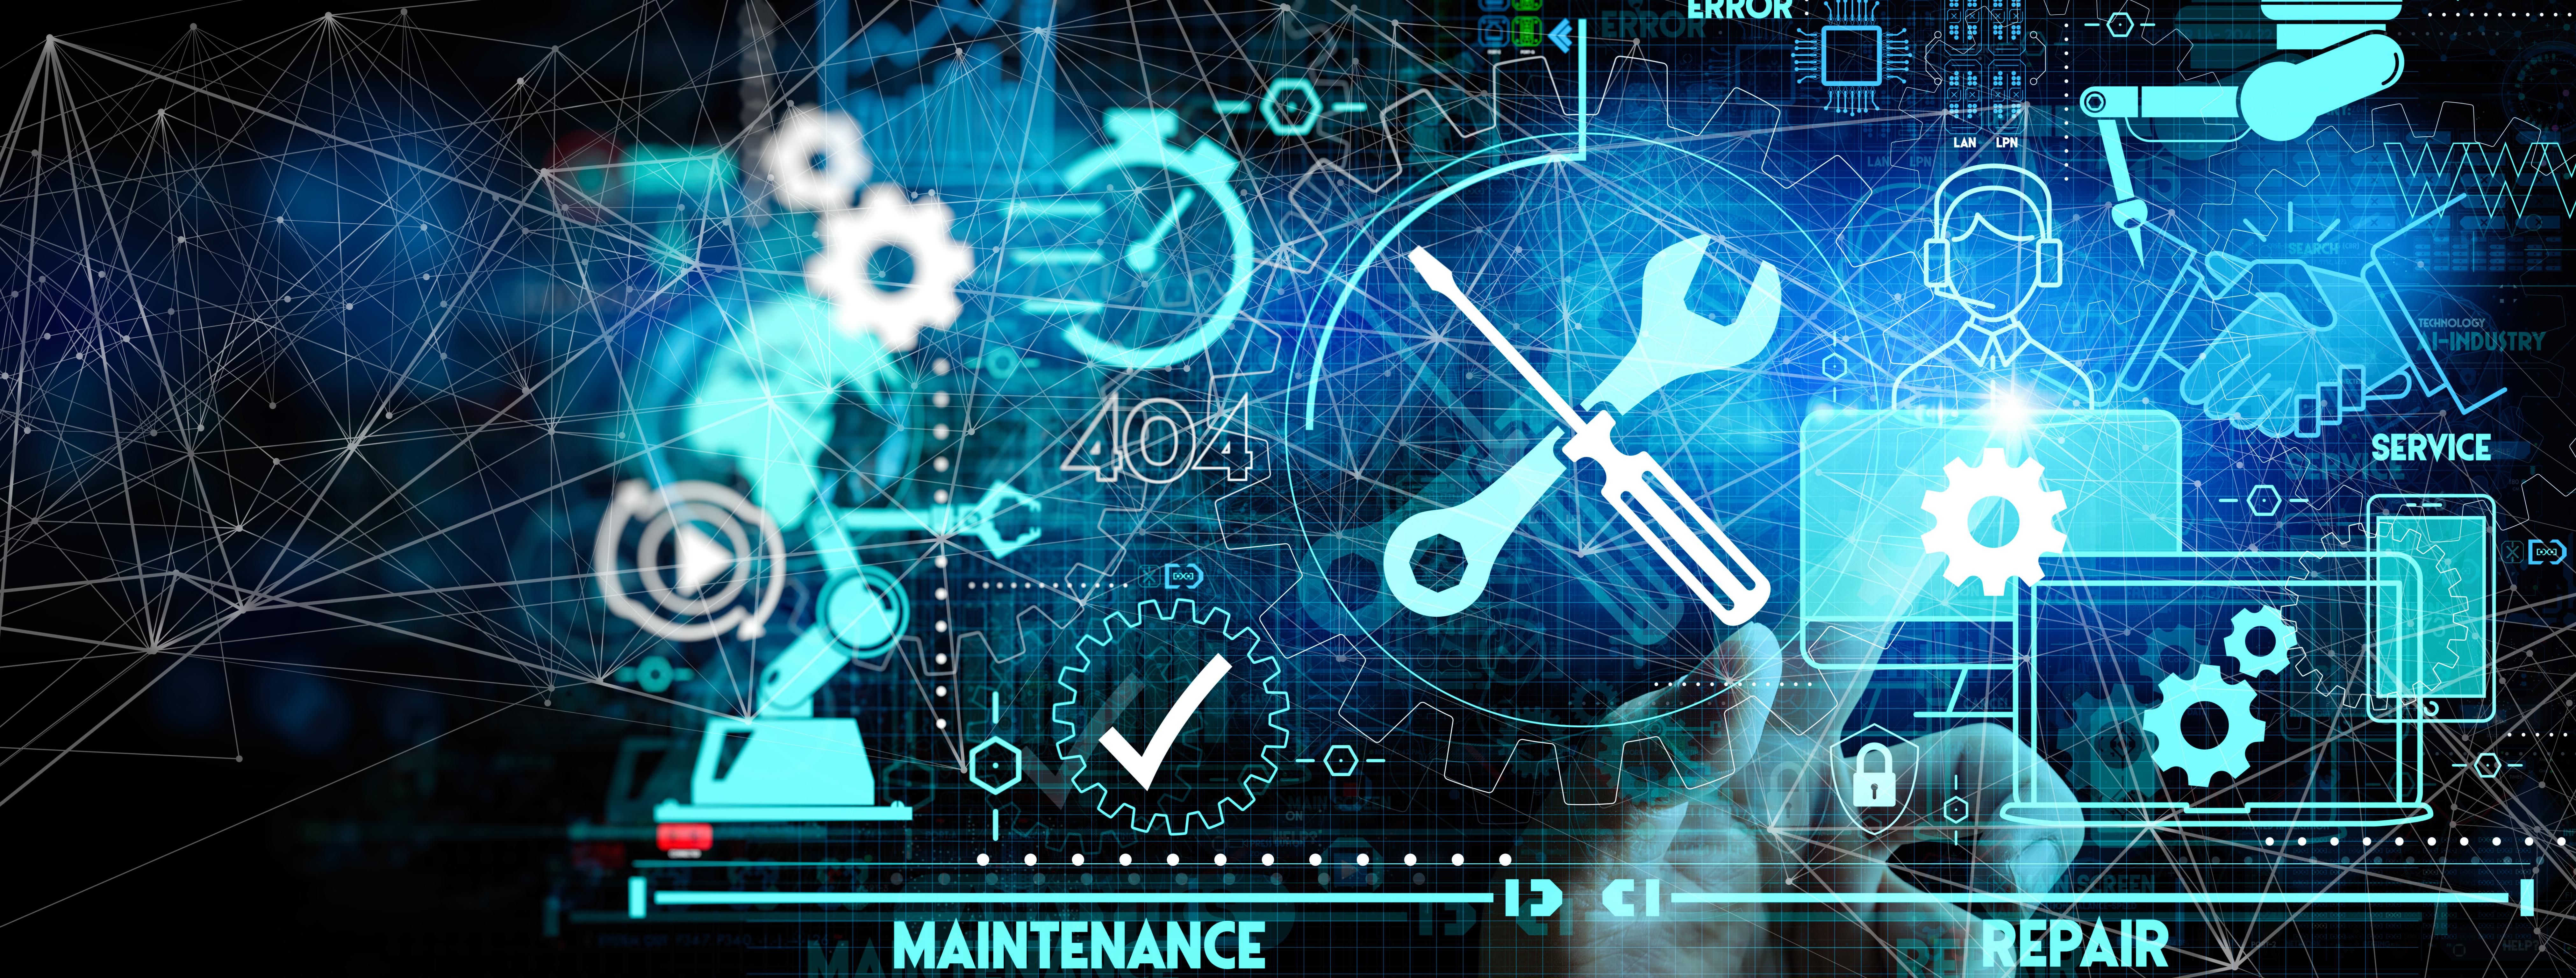 tfc auvergne maintenance